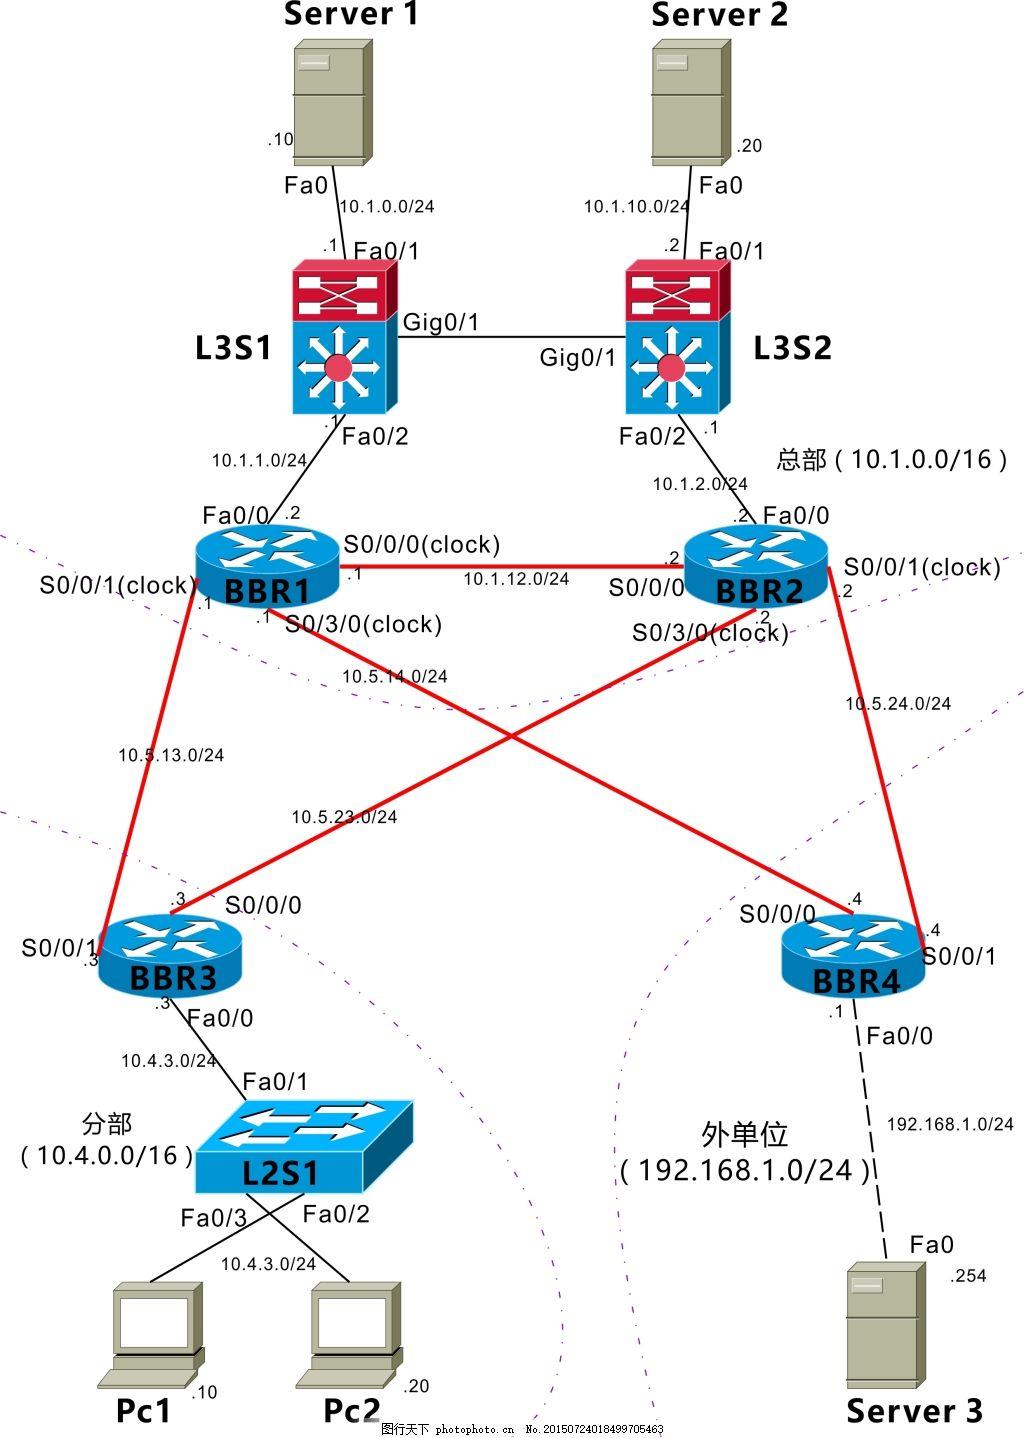 网络拓扑图 科技 路由器 交换机 服务器 三层交换机 白色